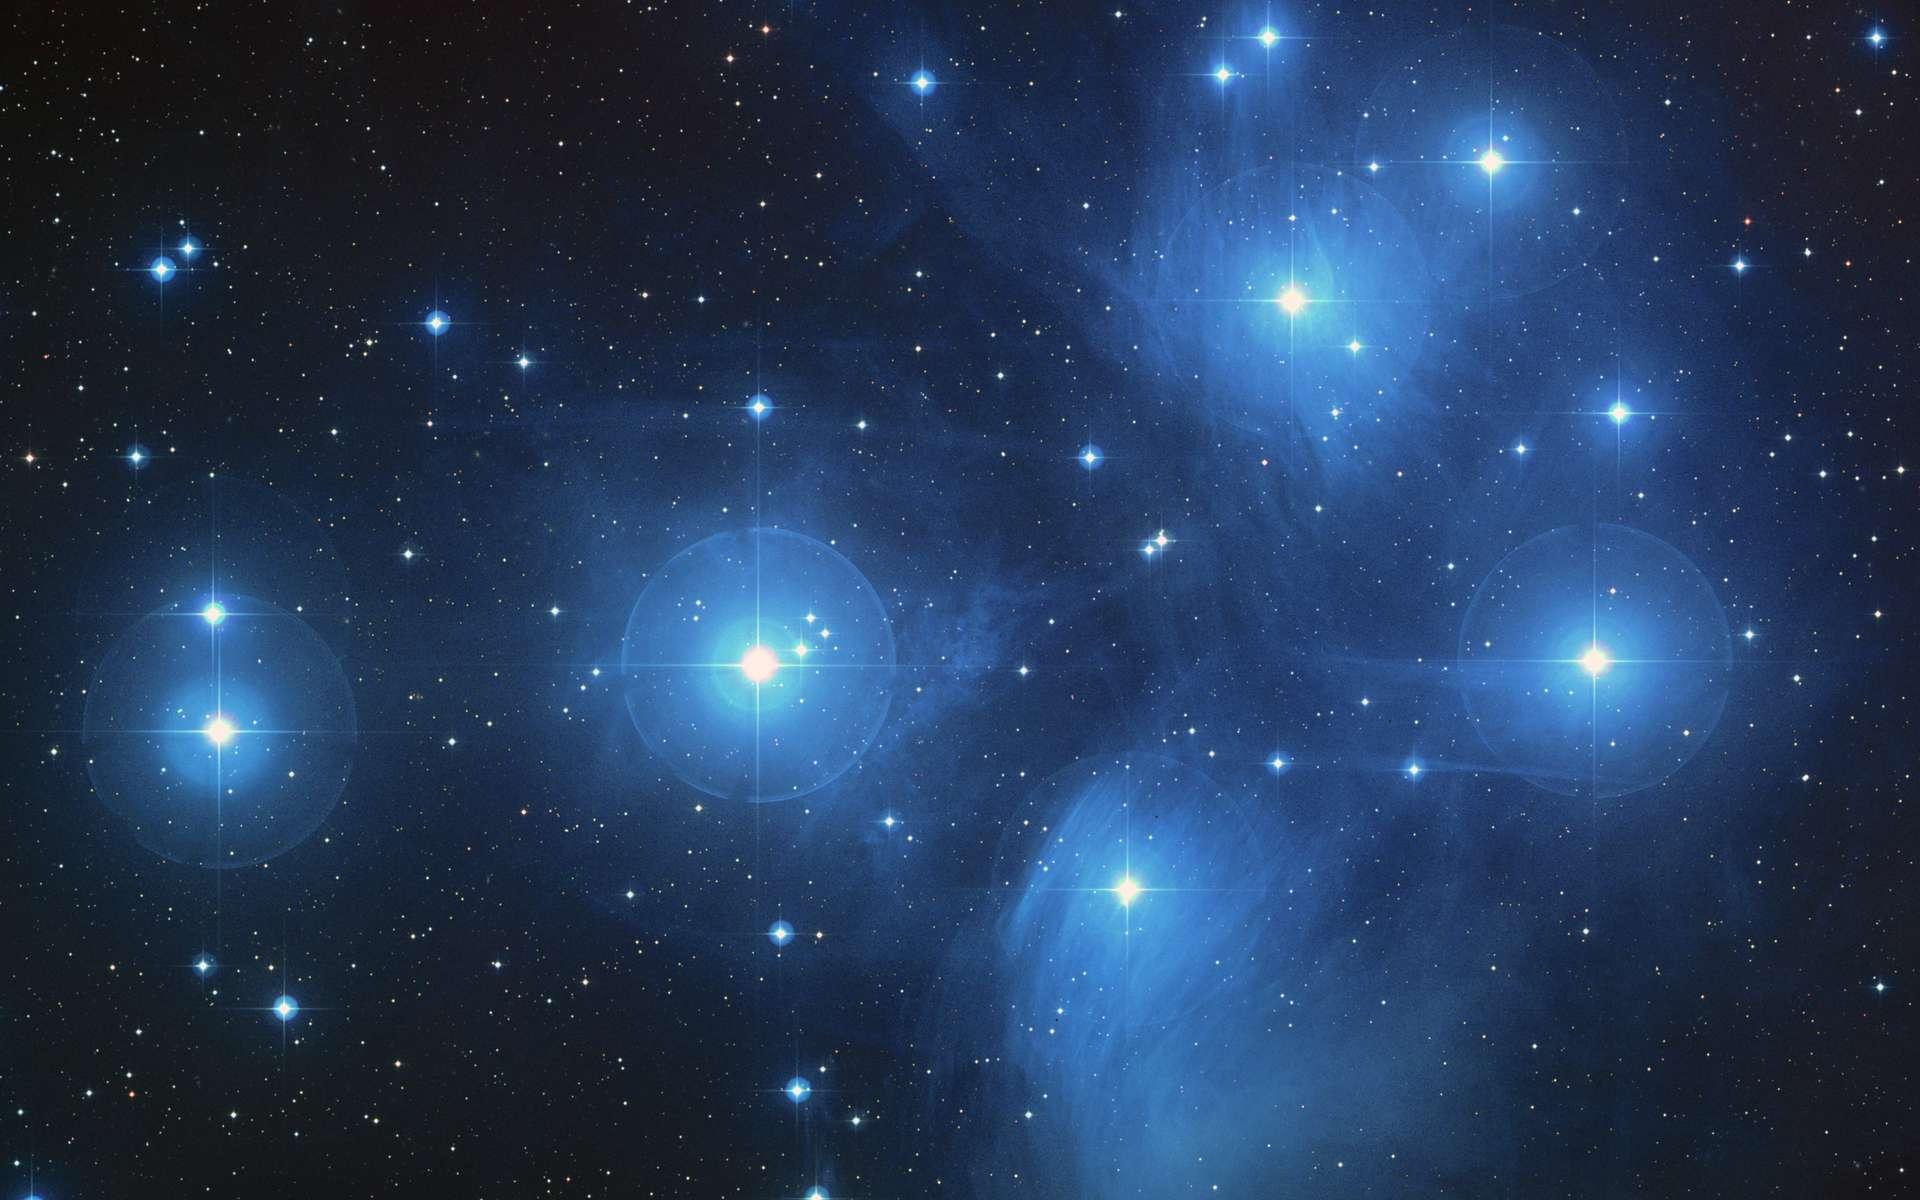 Les Pléiades, un amas ouvert d'environ 3000 étoiles et situé à une distance d'environ 440 années-lumière de la Terre dans la constellation du Taureau photographiées ici avec Hubble. Ces étoiles sont jeunes et actuellement, l'amas est plongé dans un nuage de gaz et de poussières. © Nasa, DP